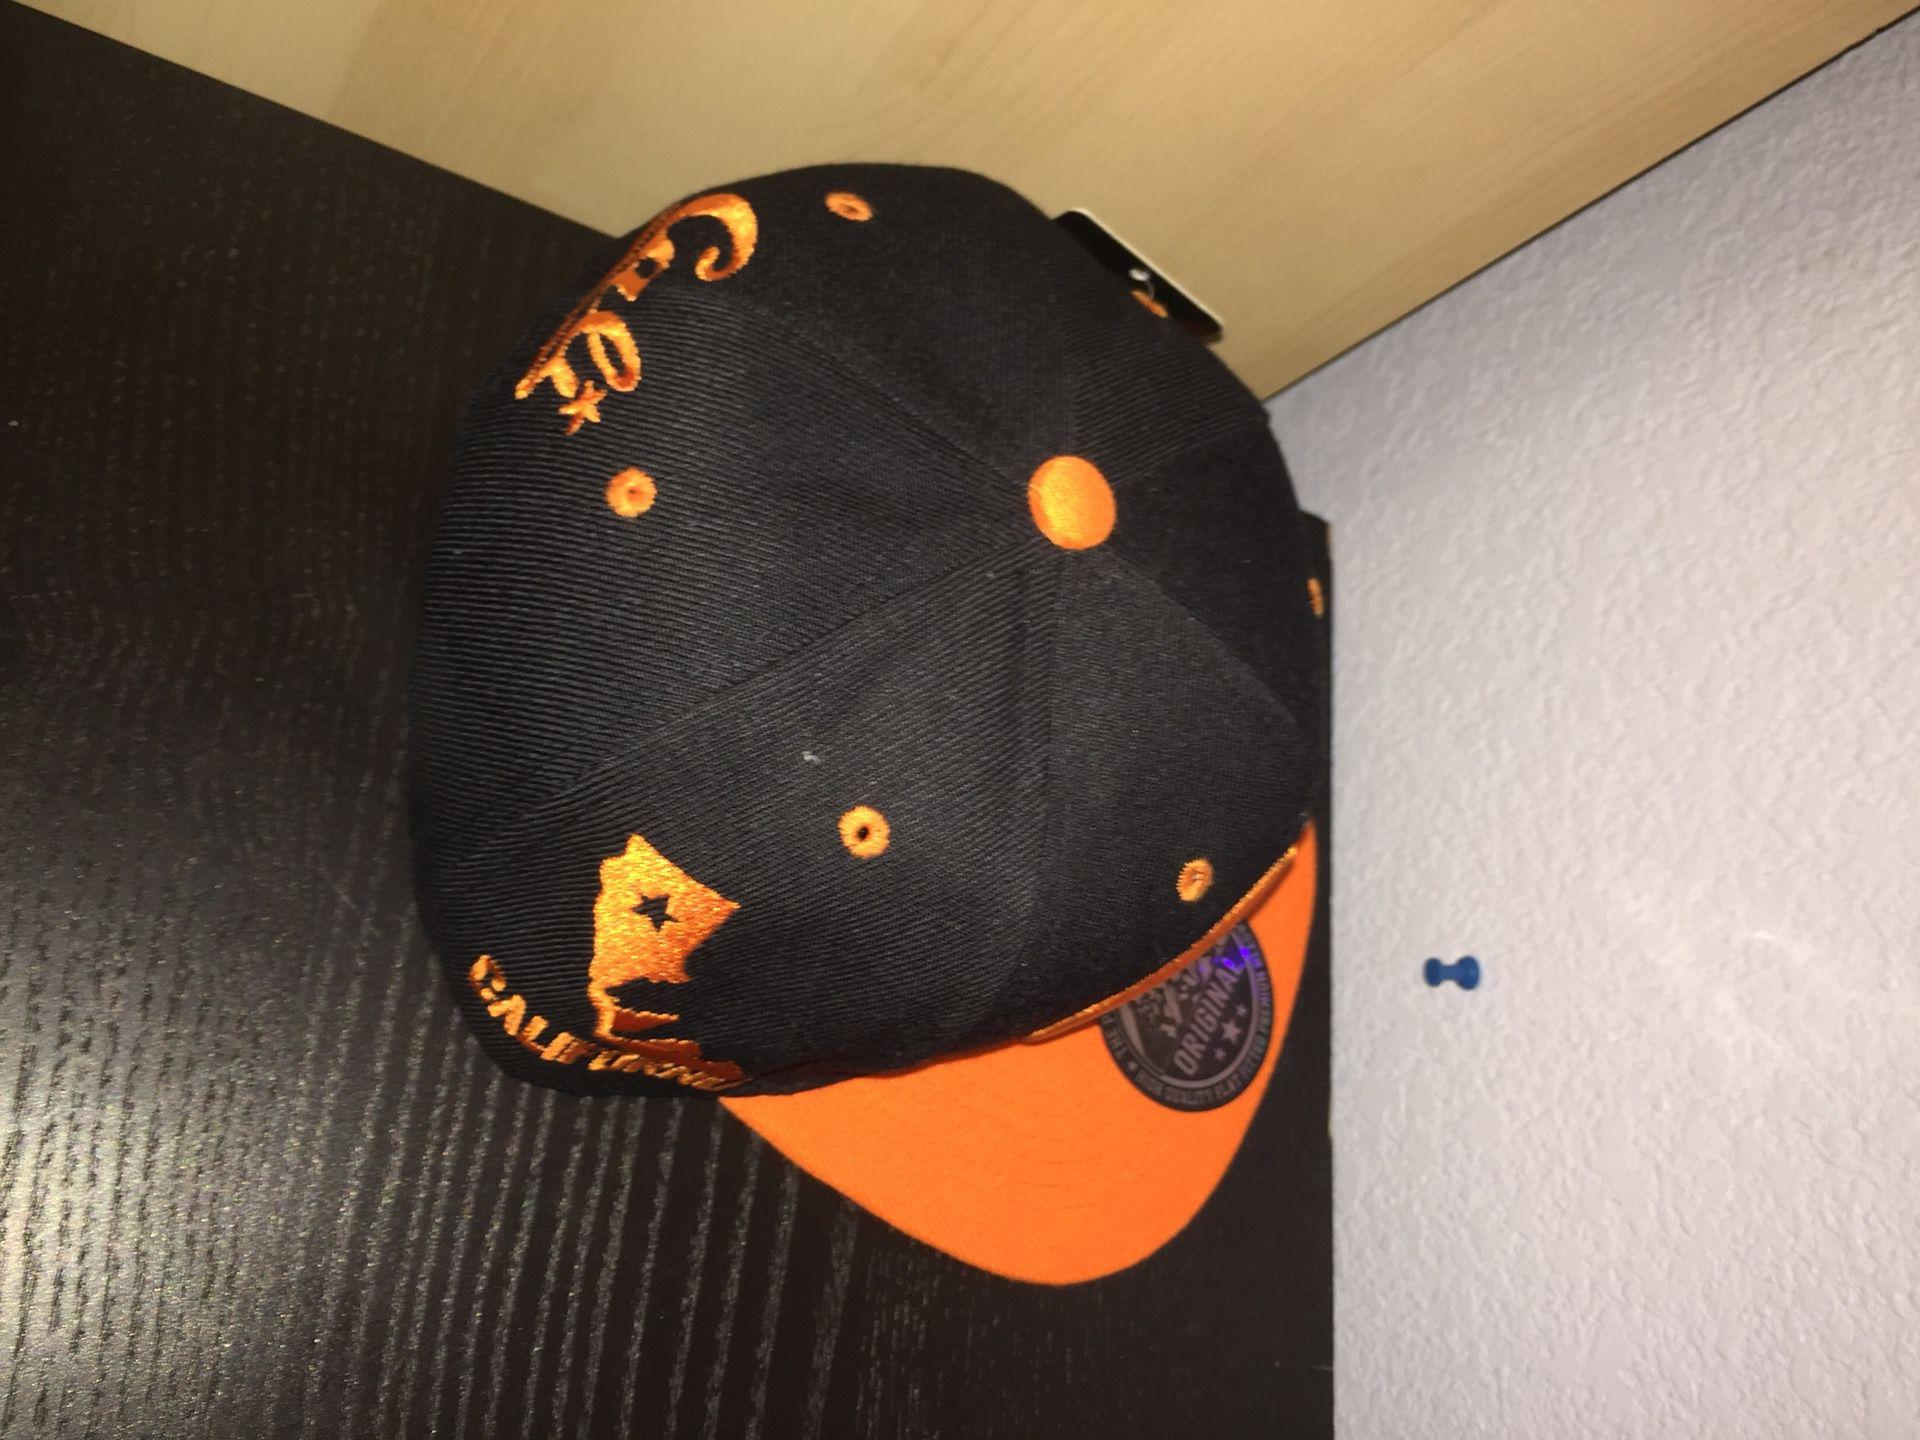 Cali SnapBack hat